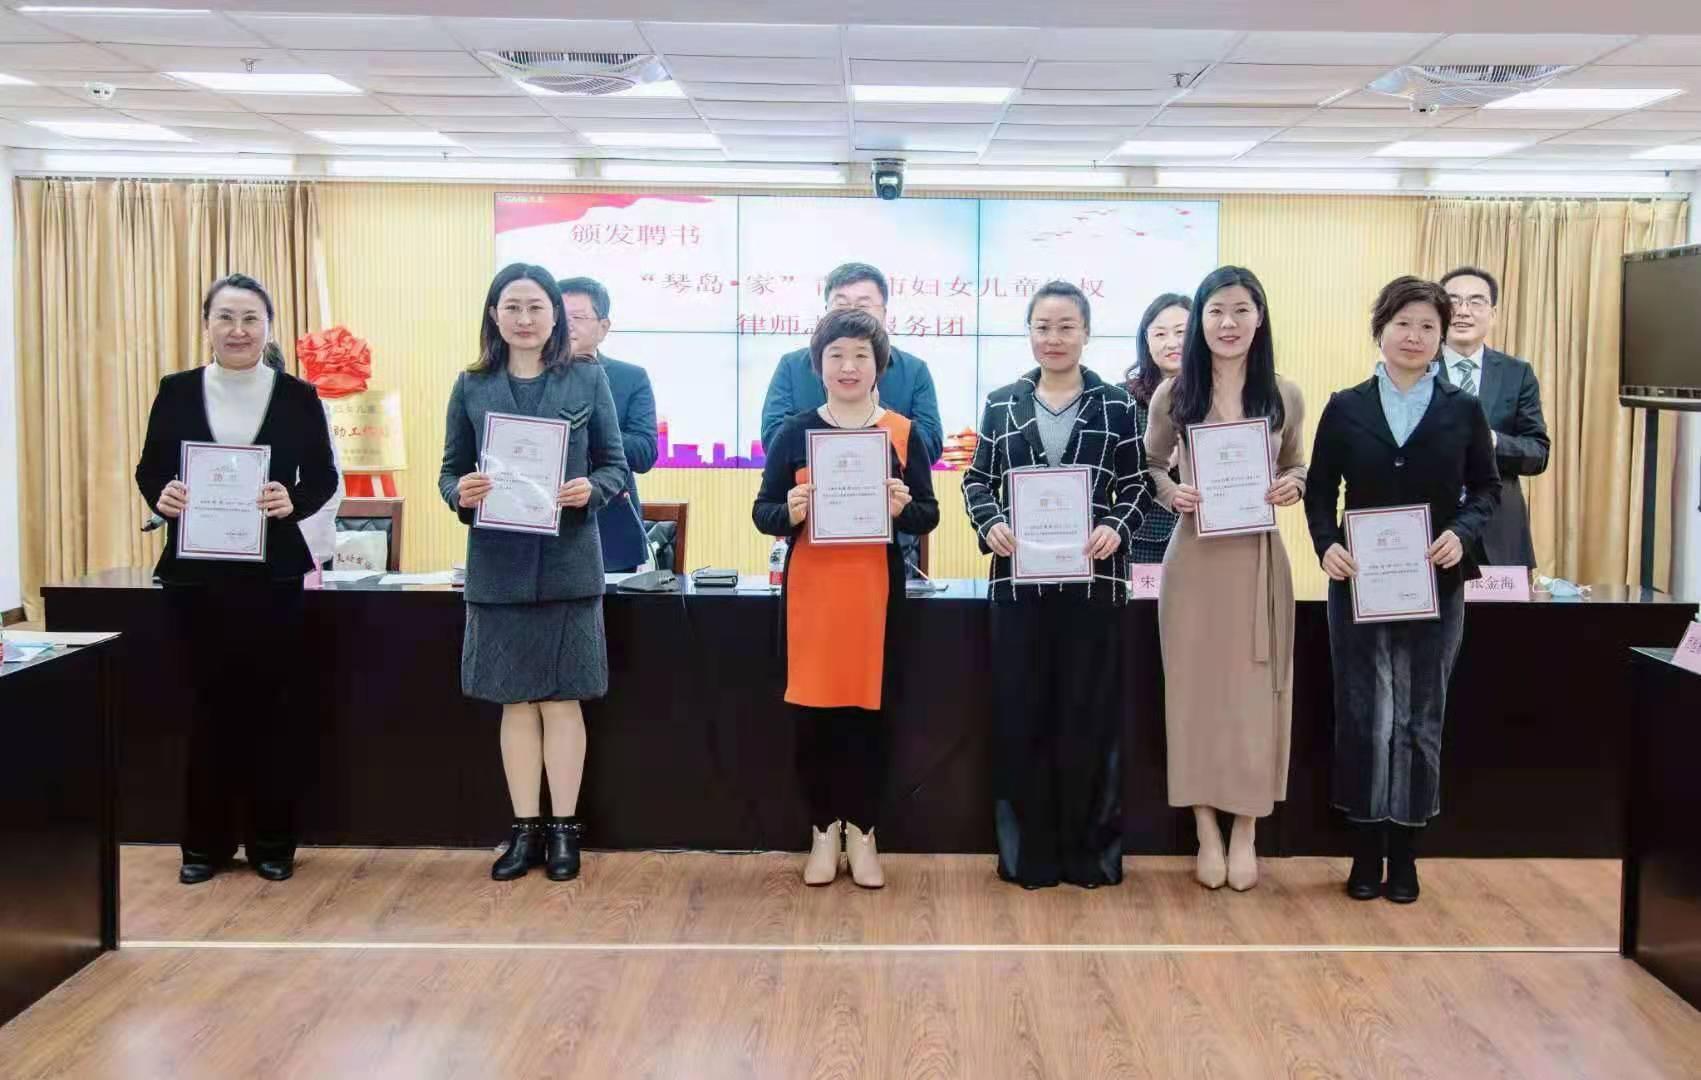 华政所被授予青岛市妇女儿童法律援助案件受理点